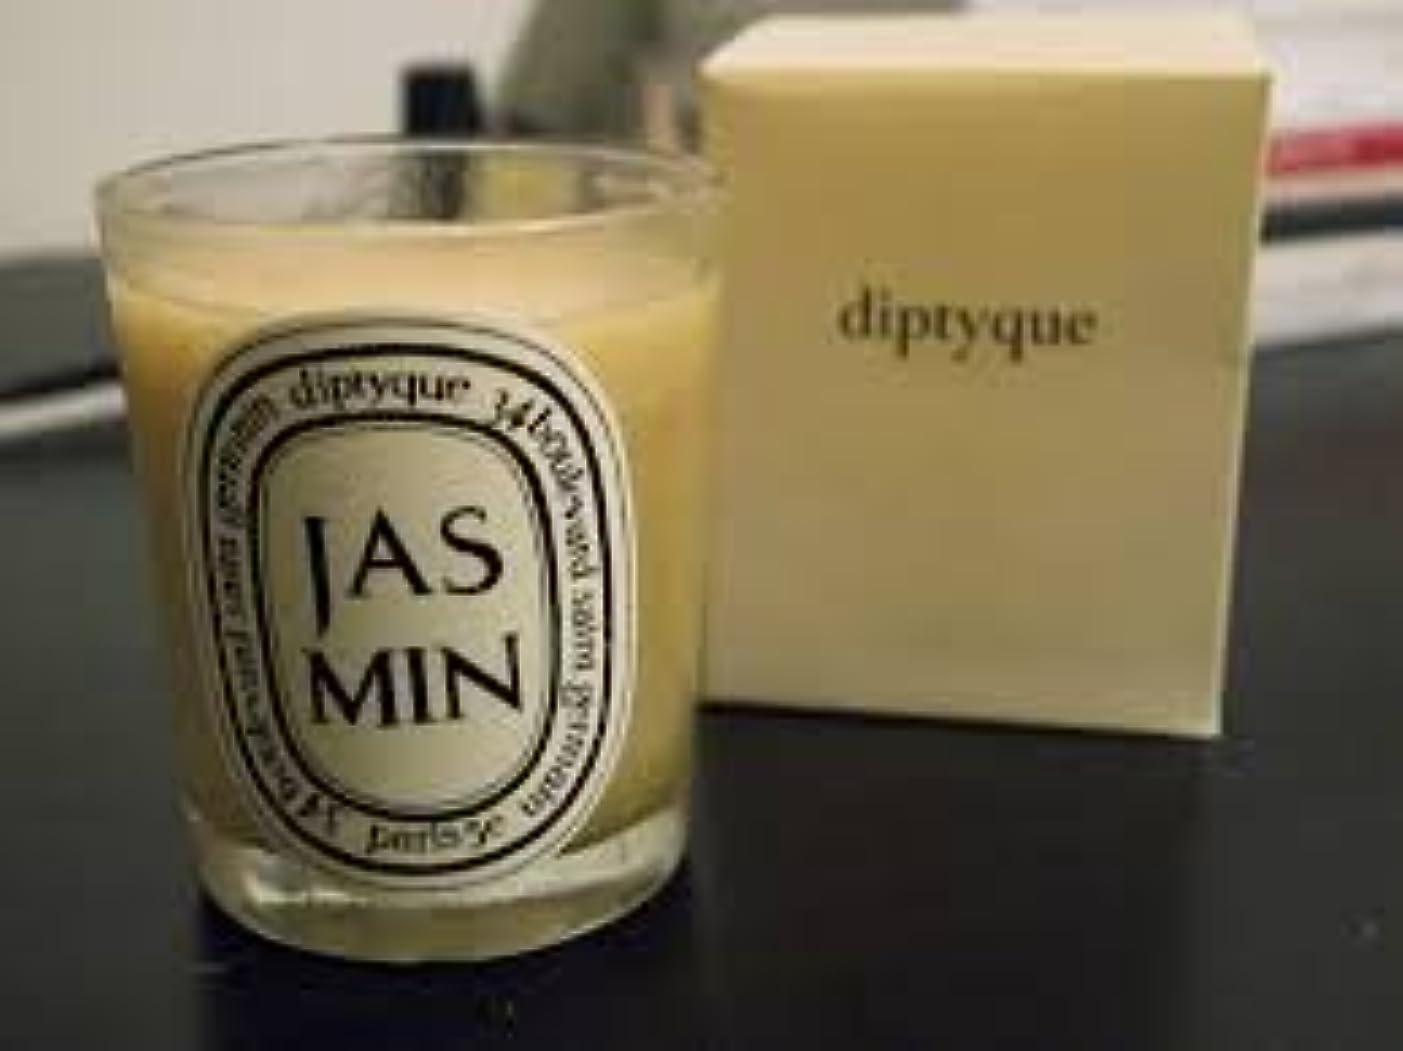 に付けるそれに応じて狭いDiptyque Jasmin Candle (ディプティック ジャスミン キャンドル) 2.4 oz (70g)